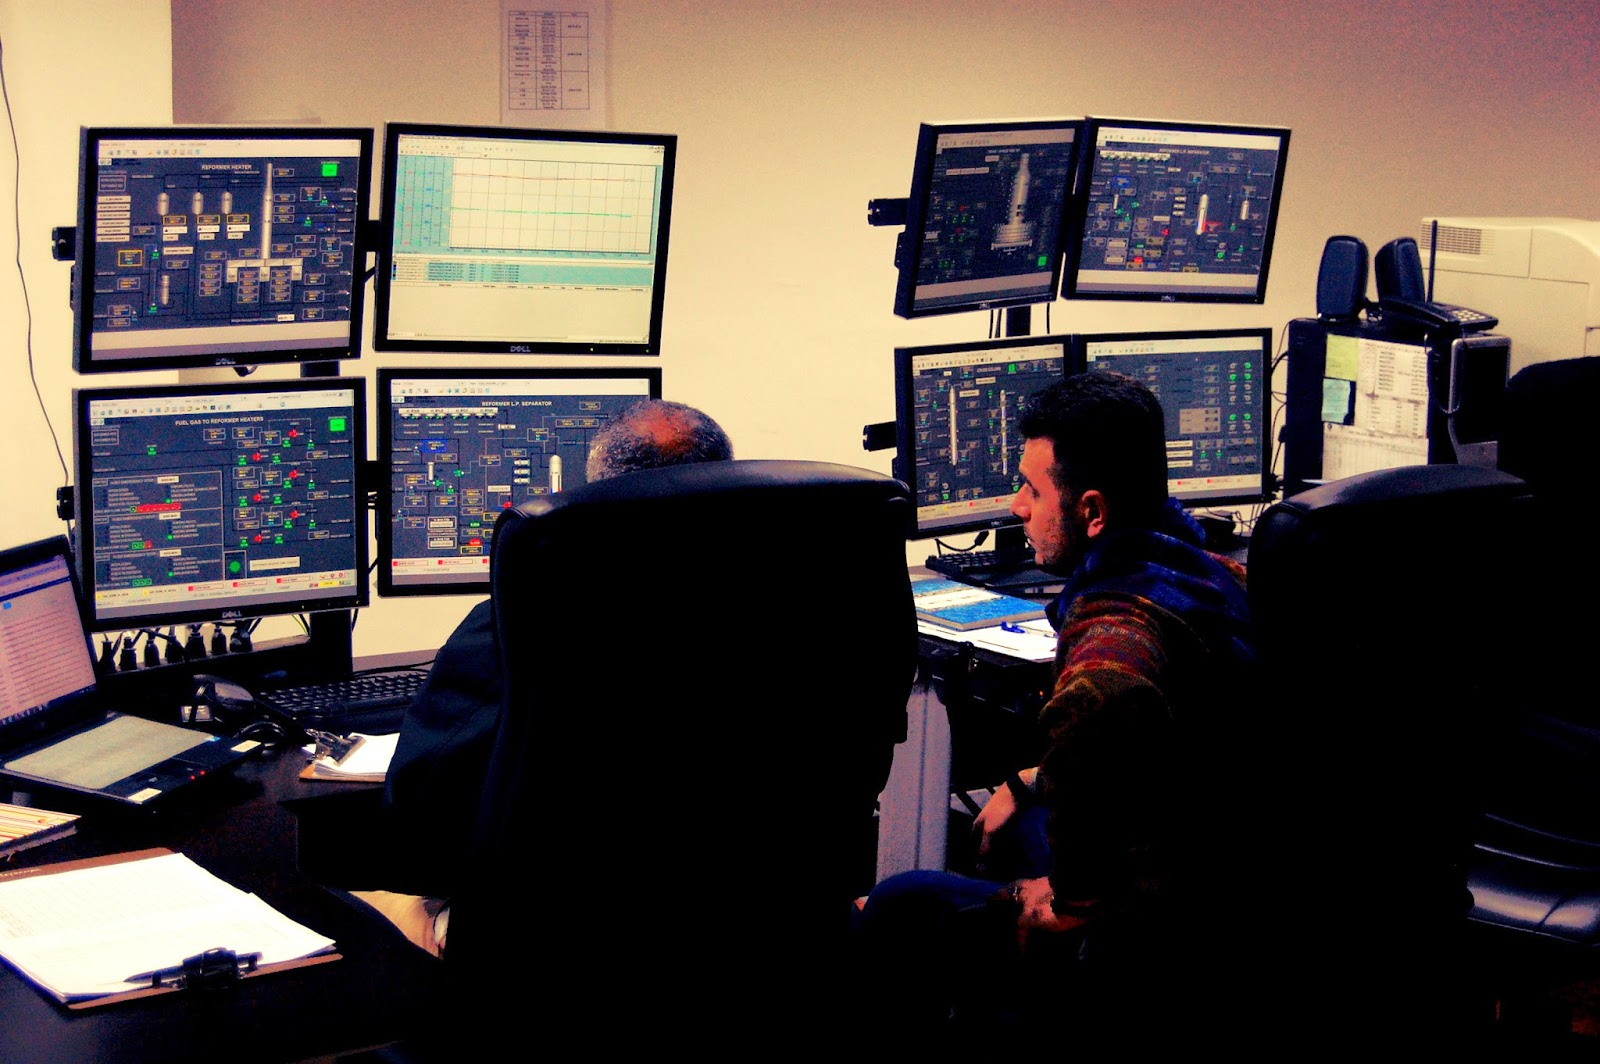 Sala de monitorización